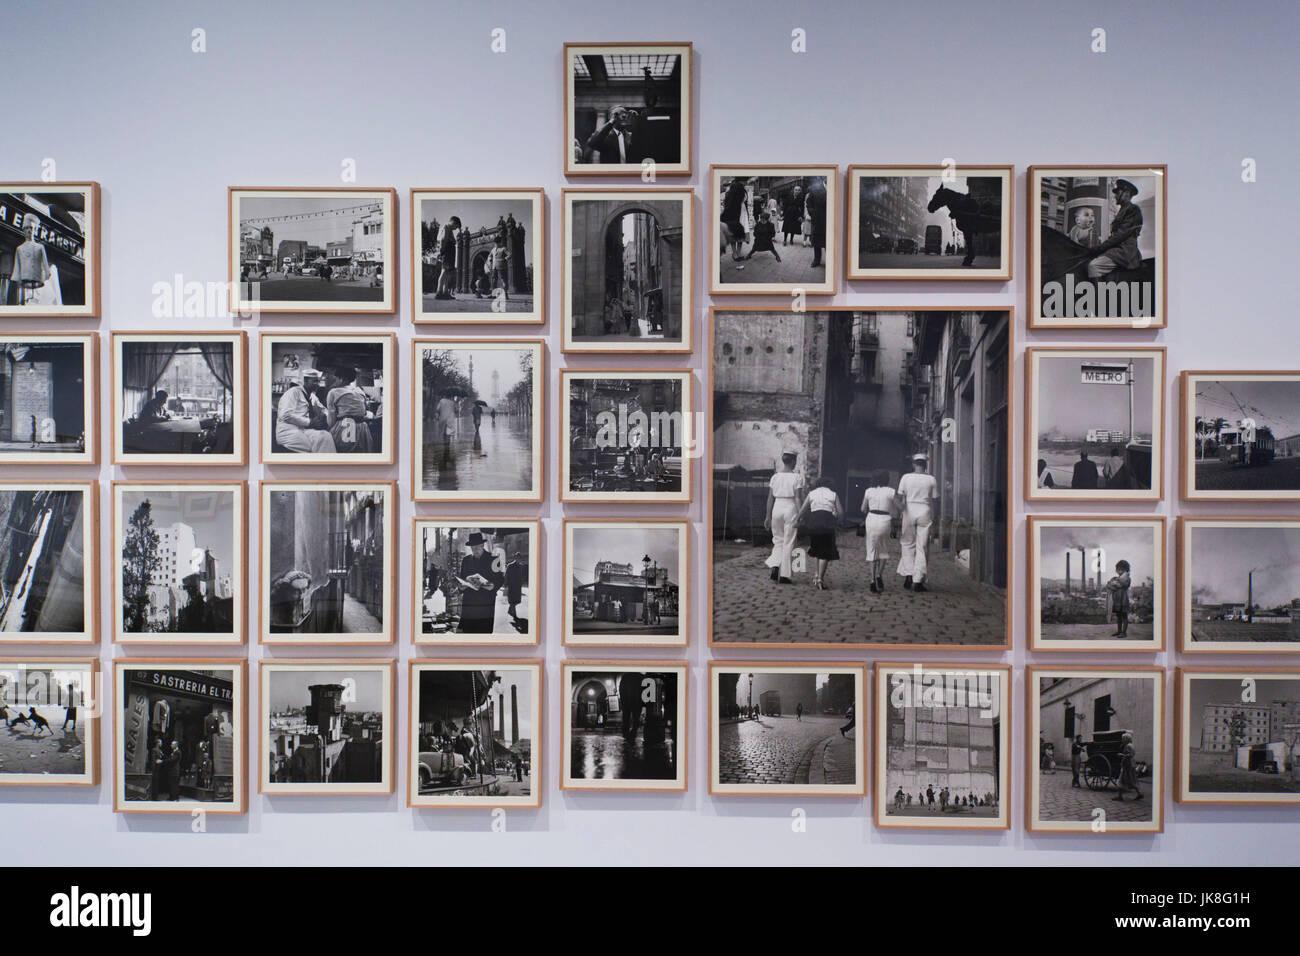 Spagna, Madrid, in zona Atocha, Centro de Arte Reina Sofia Museum, presentano degli anni cinquanta-ser fotografie Immagini Stock